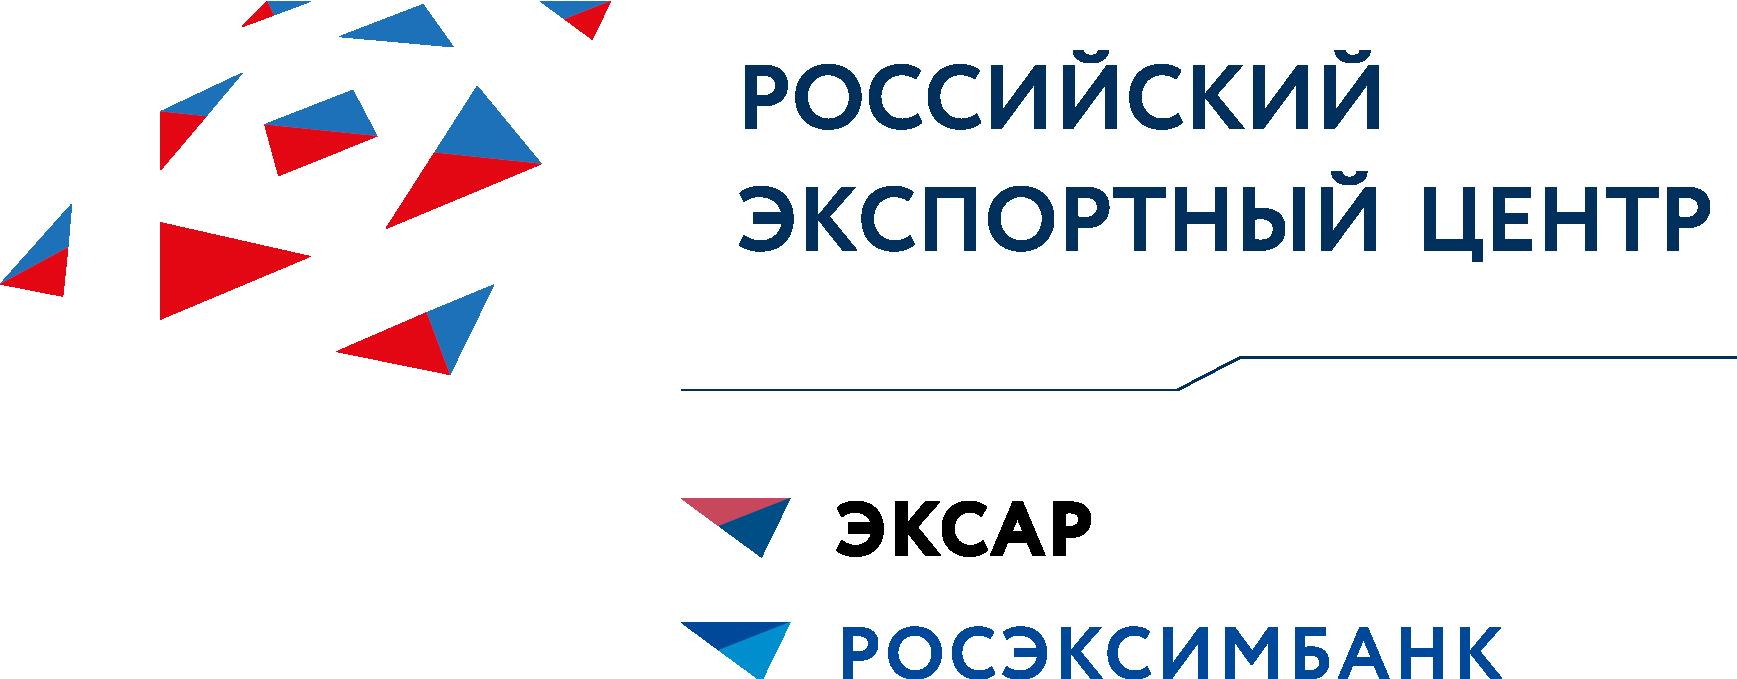 Льготы и субсидии по внешнеэкономической деятельности от Российского экспортного центра